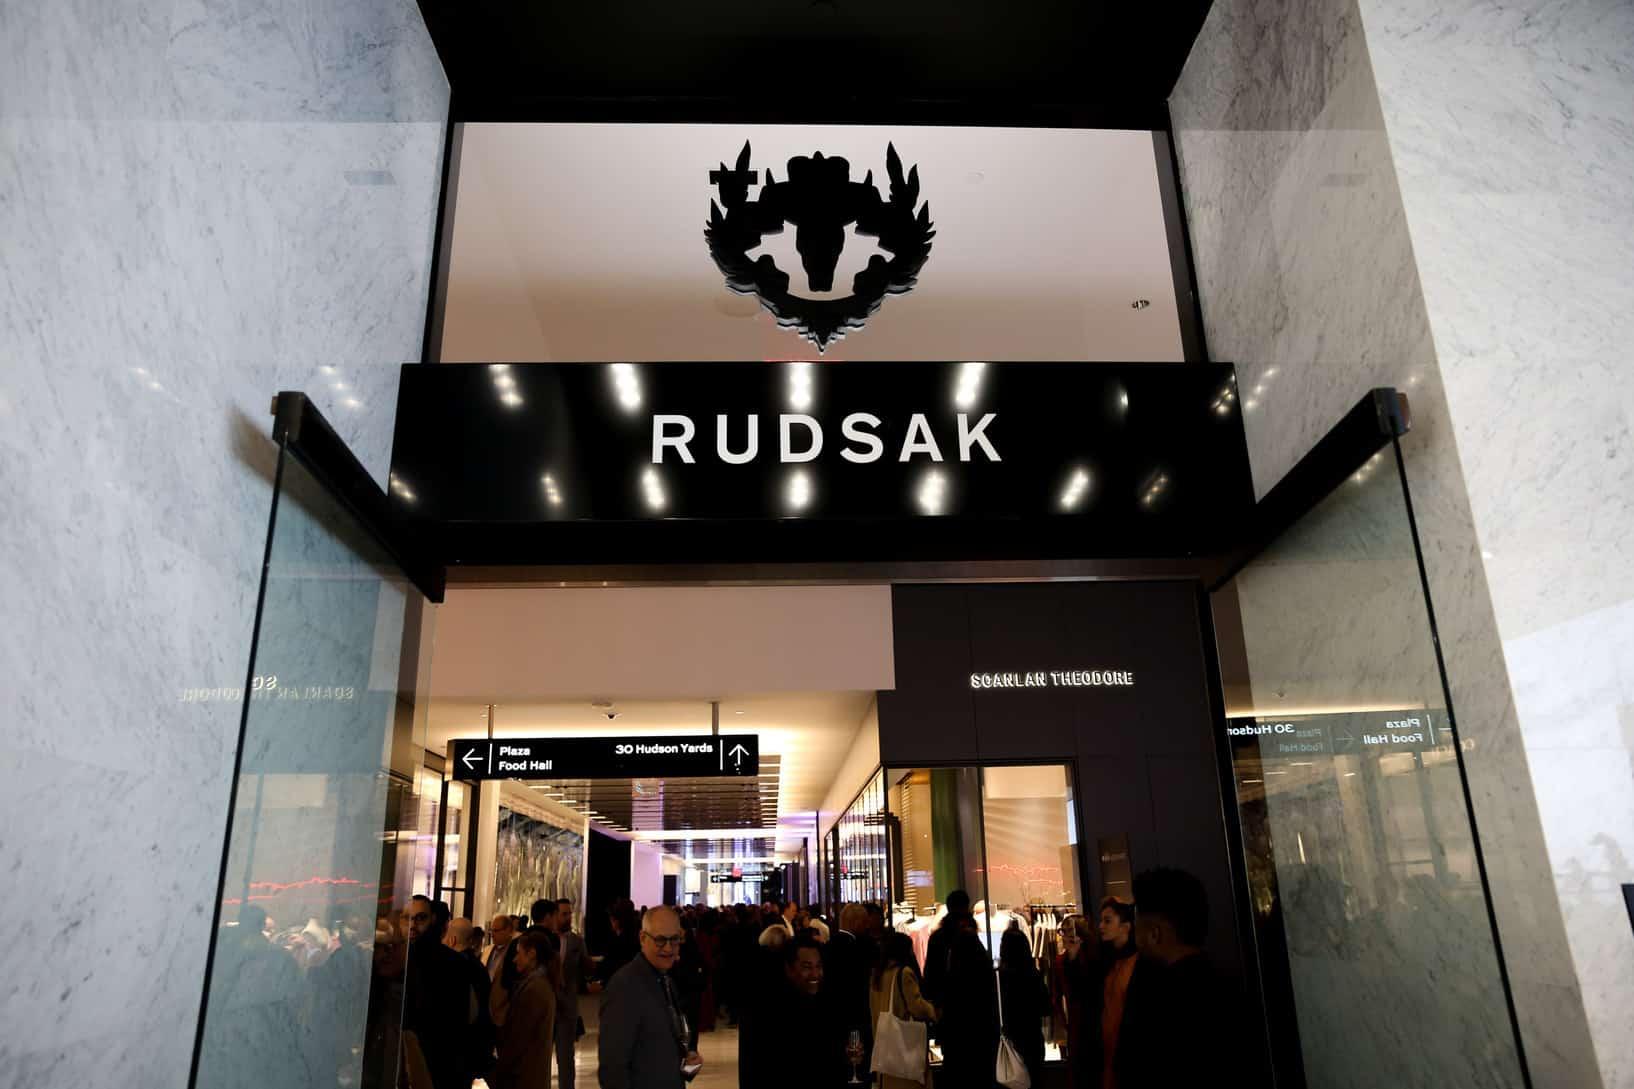 RUDSAK